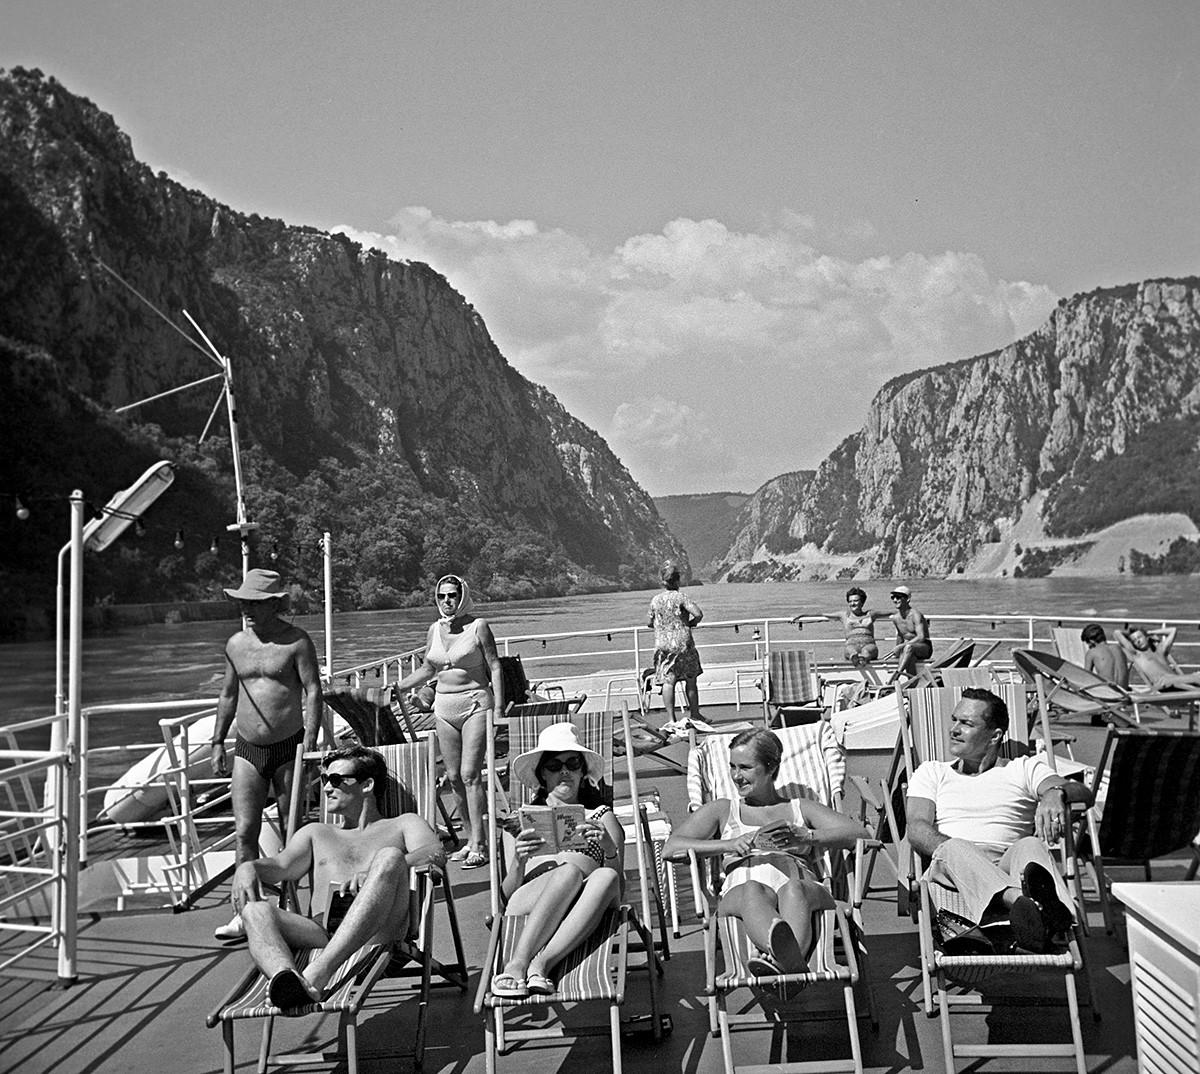 Touristen auf dem Deck eines Schiffes auf der Donau, 1969